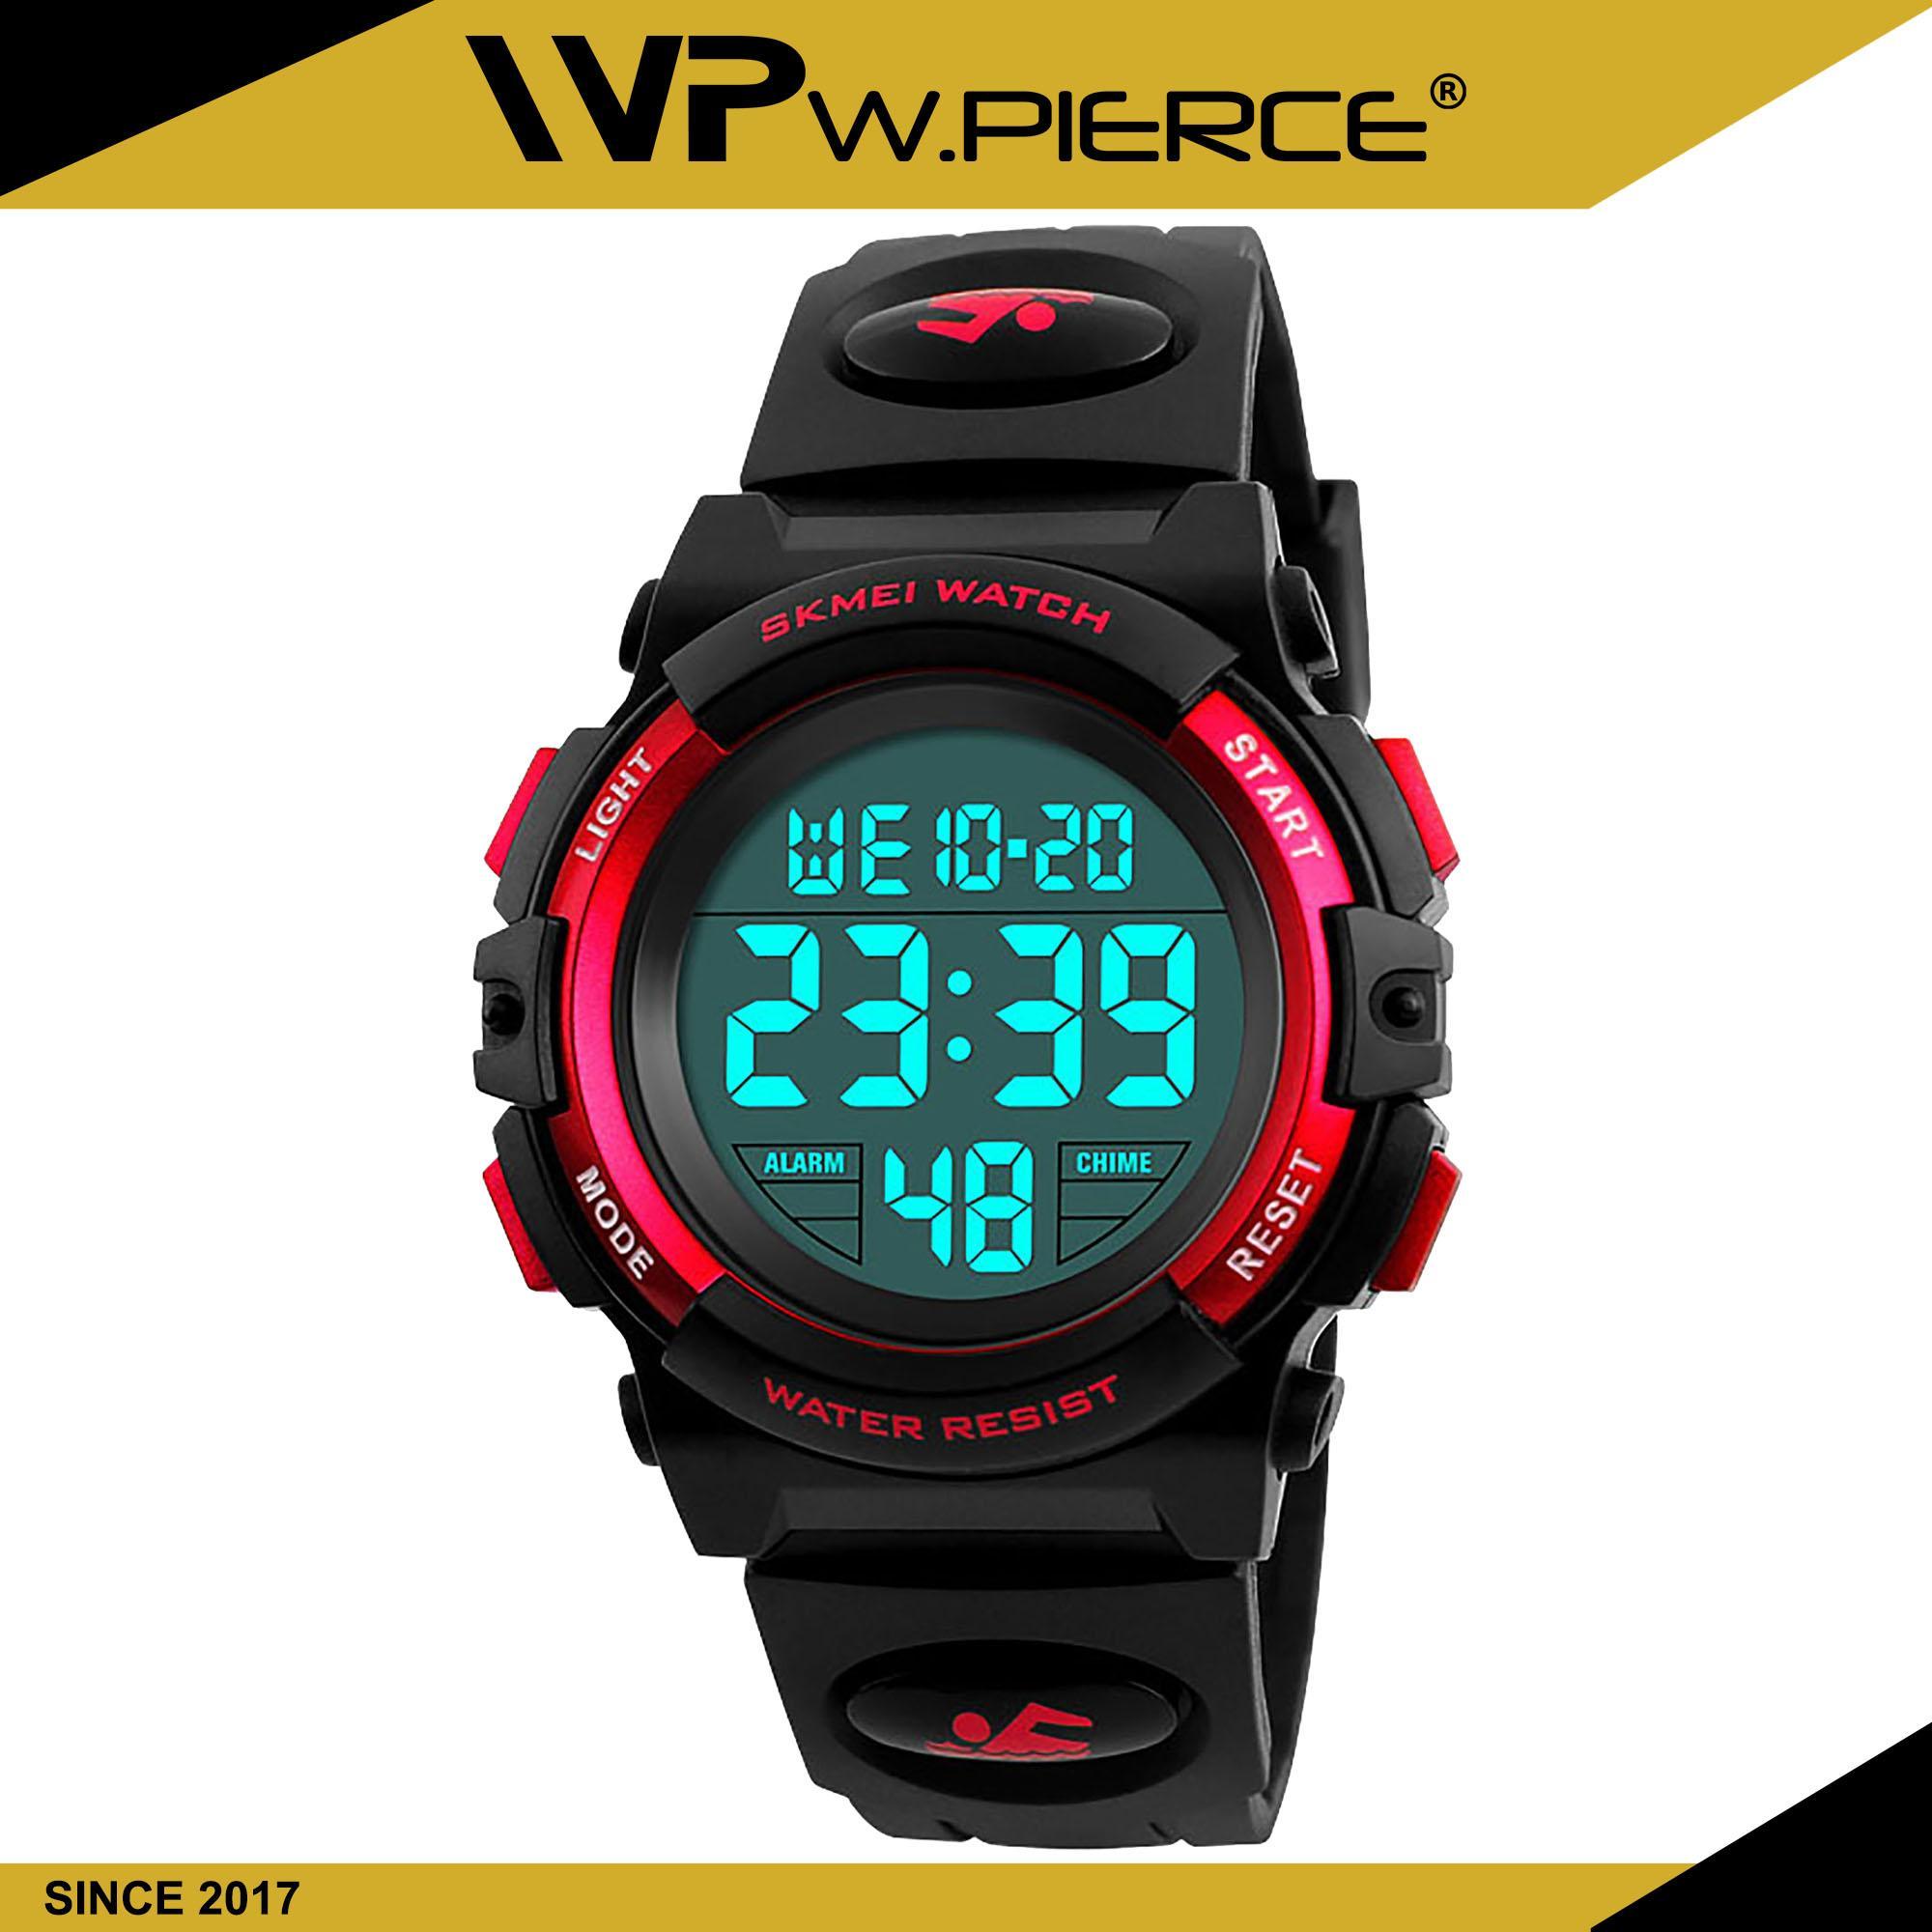 e1df9b7496 WPierce 1266 Children's Watches SKMEI Brand Swim Waterproof Outdoor Sports  Children Watch For Boy Girls Fashion